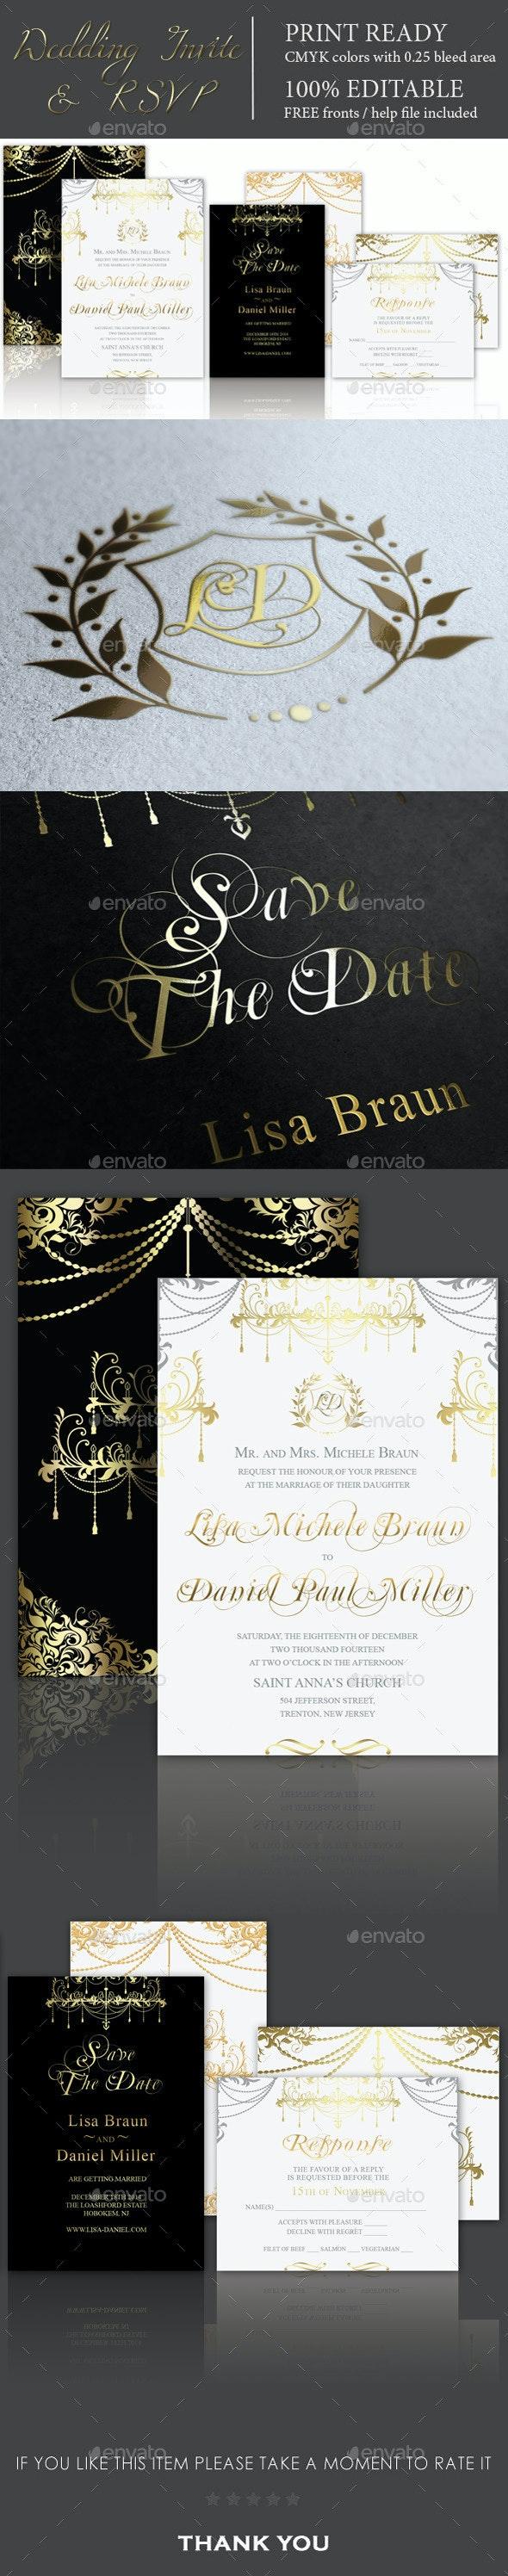 Premium Wedding Invitation & RSVP - Weddings Cards & Invites